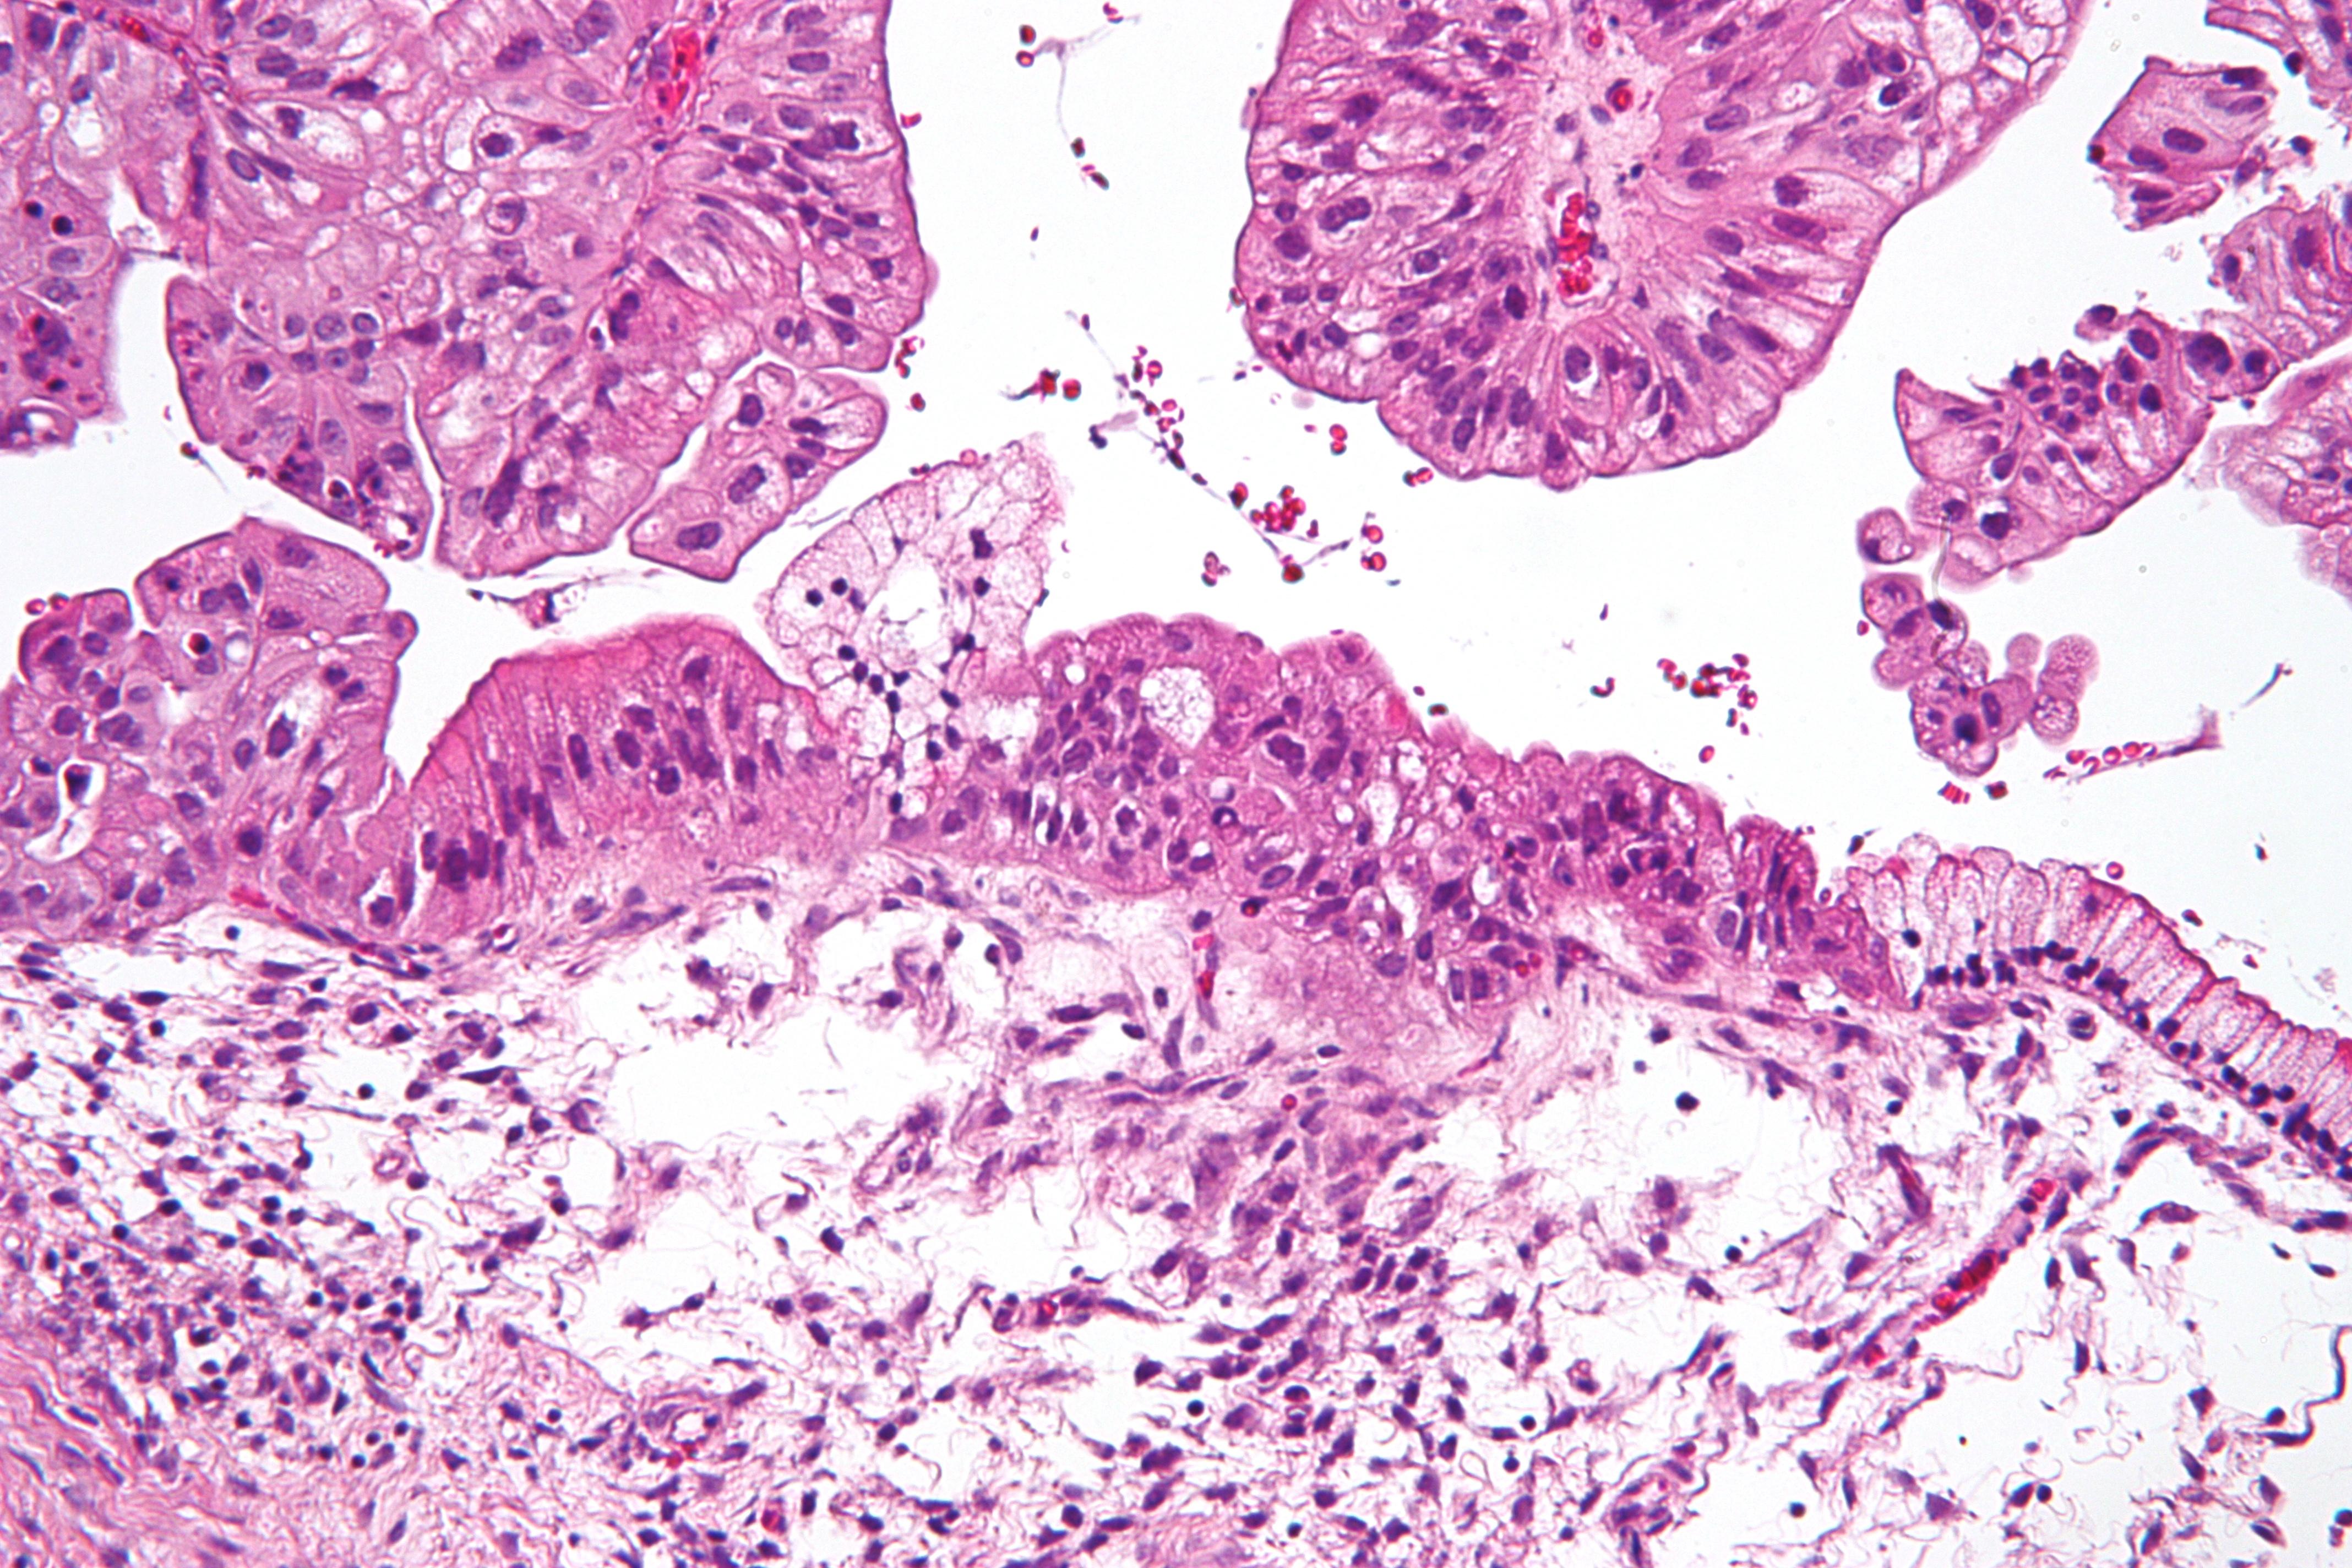 îndepărtarea teniei din corpul uman paraziți microscopici ai pielii umane